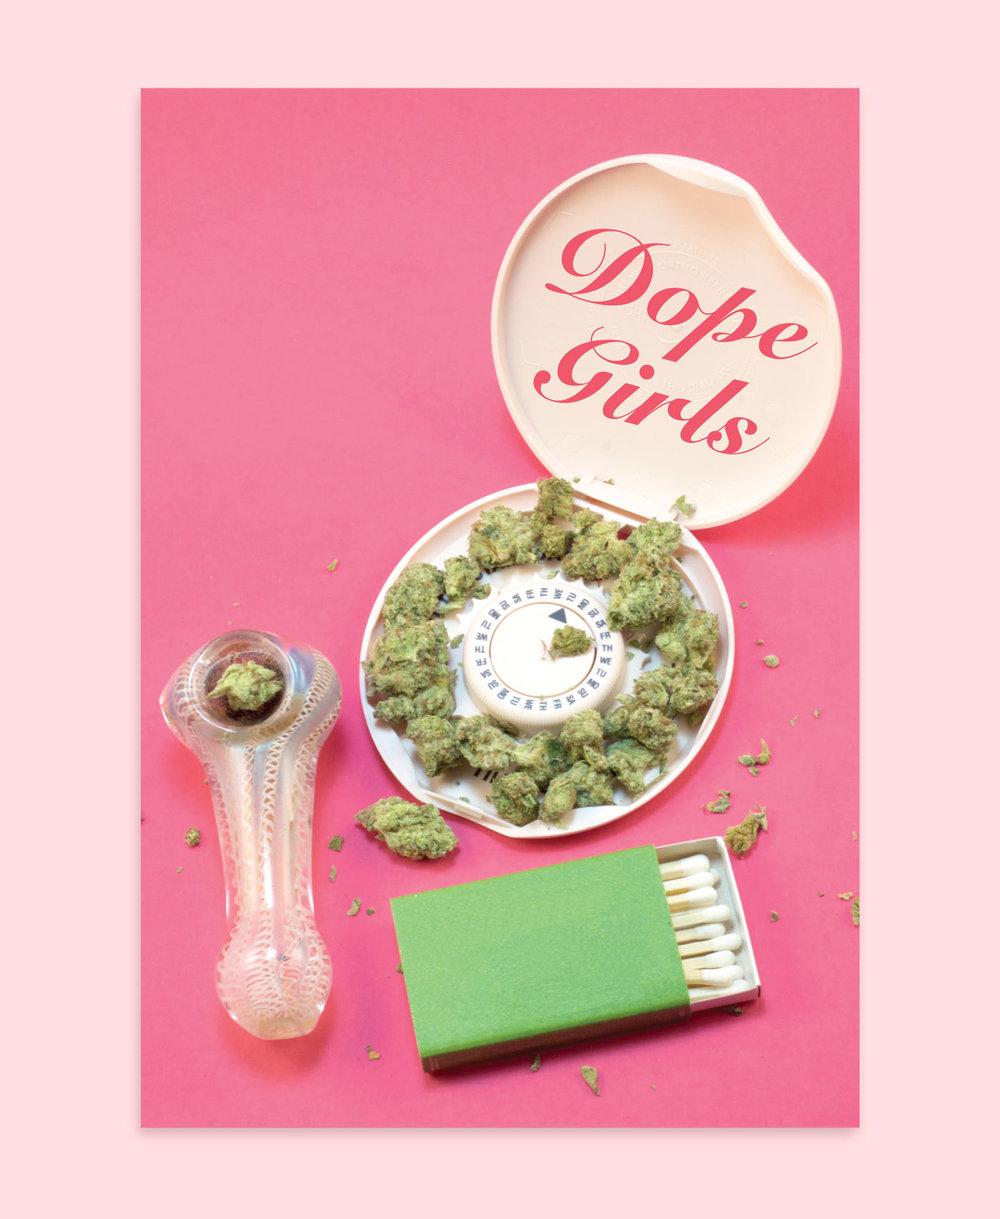 dope-girls-vol-1-new.jpg